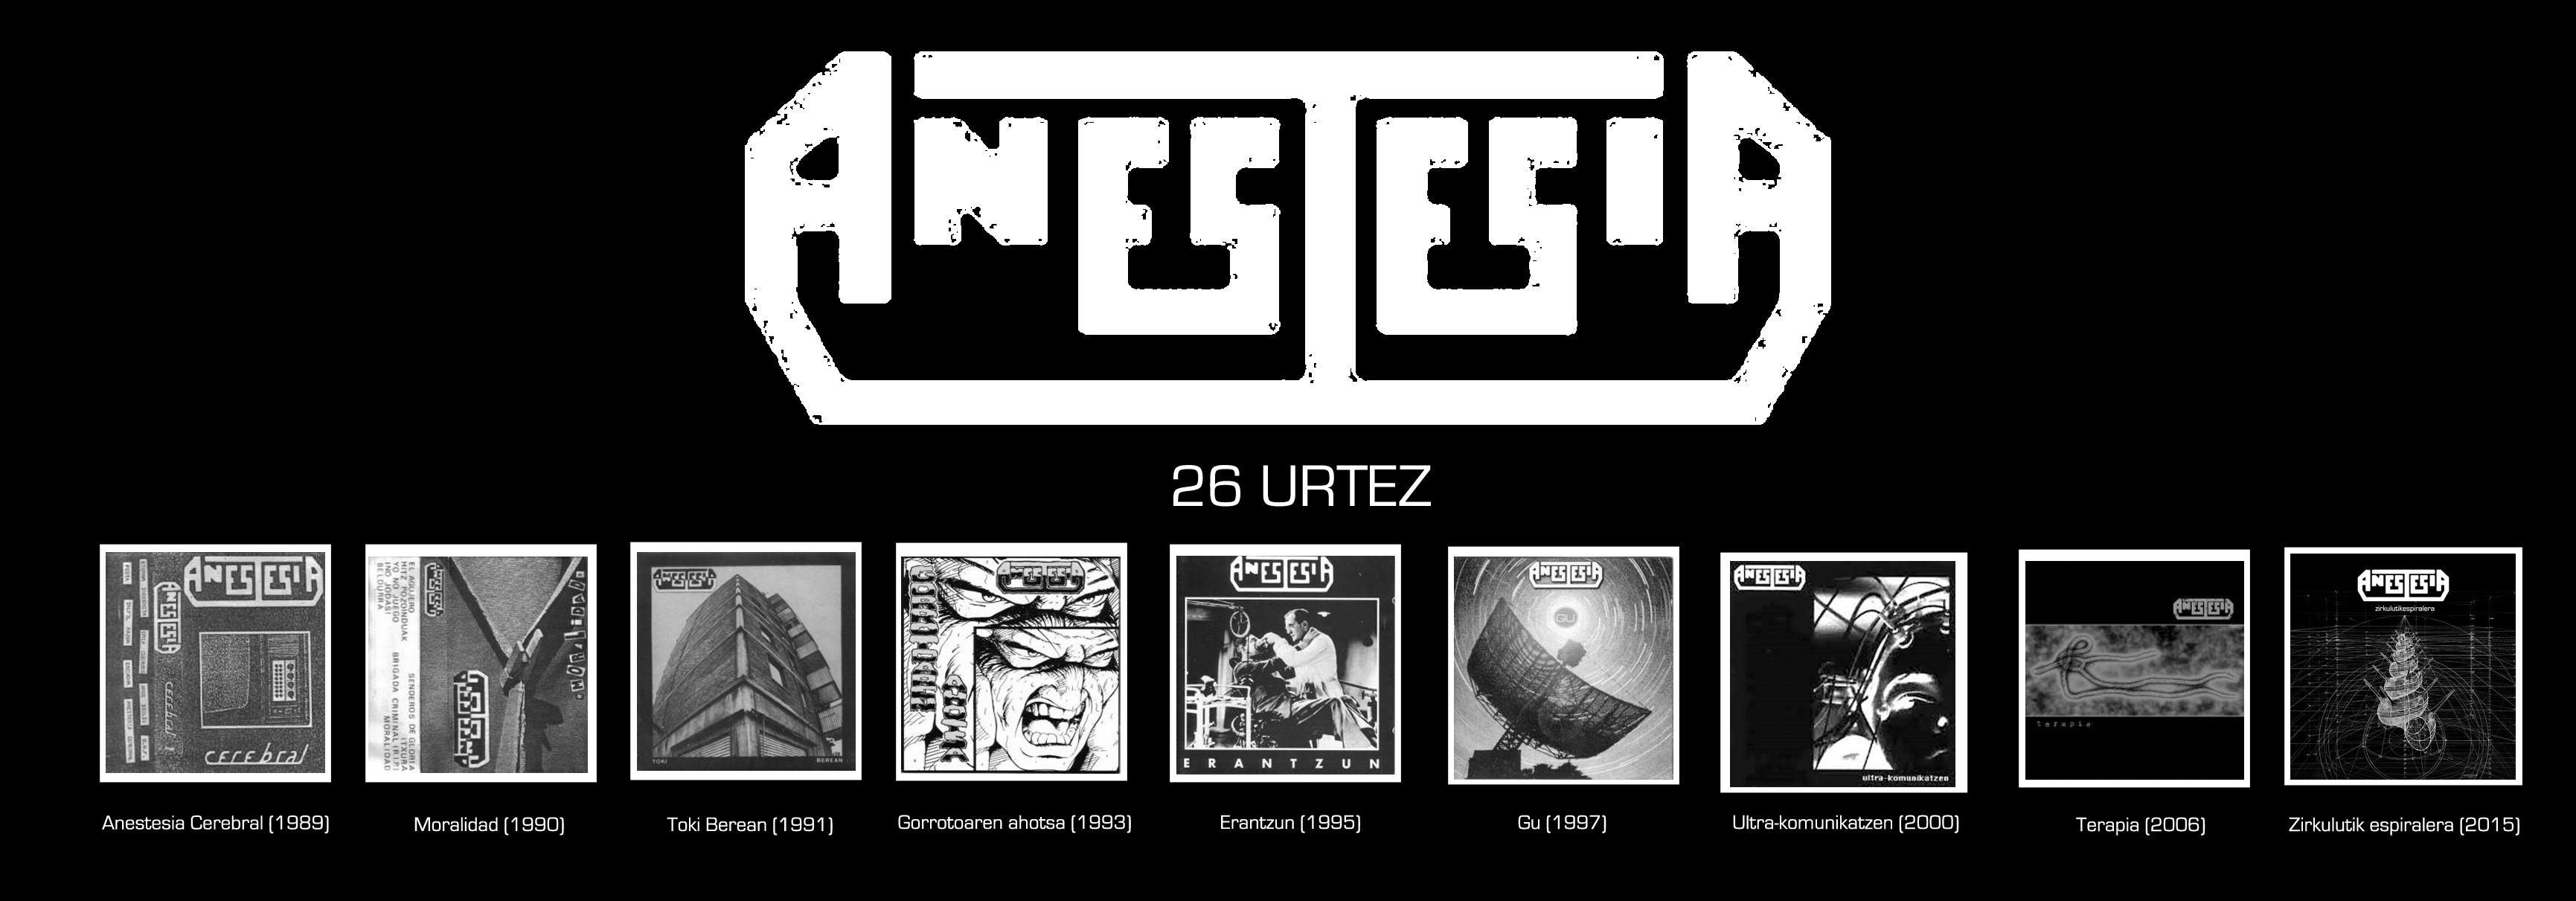 Anestesia-26urtez